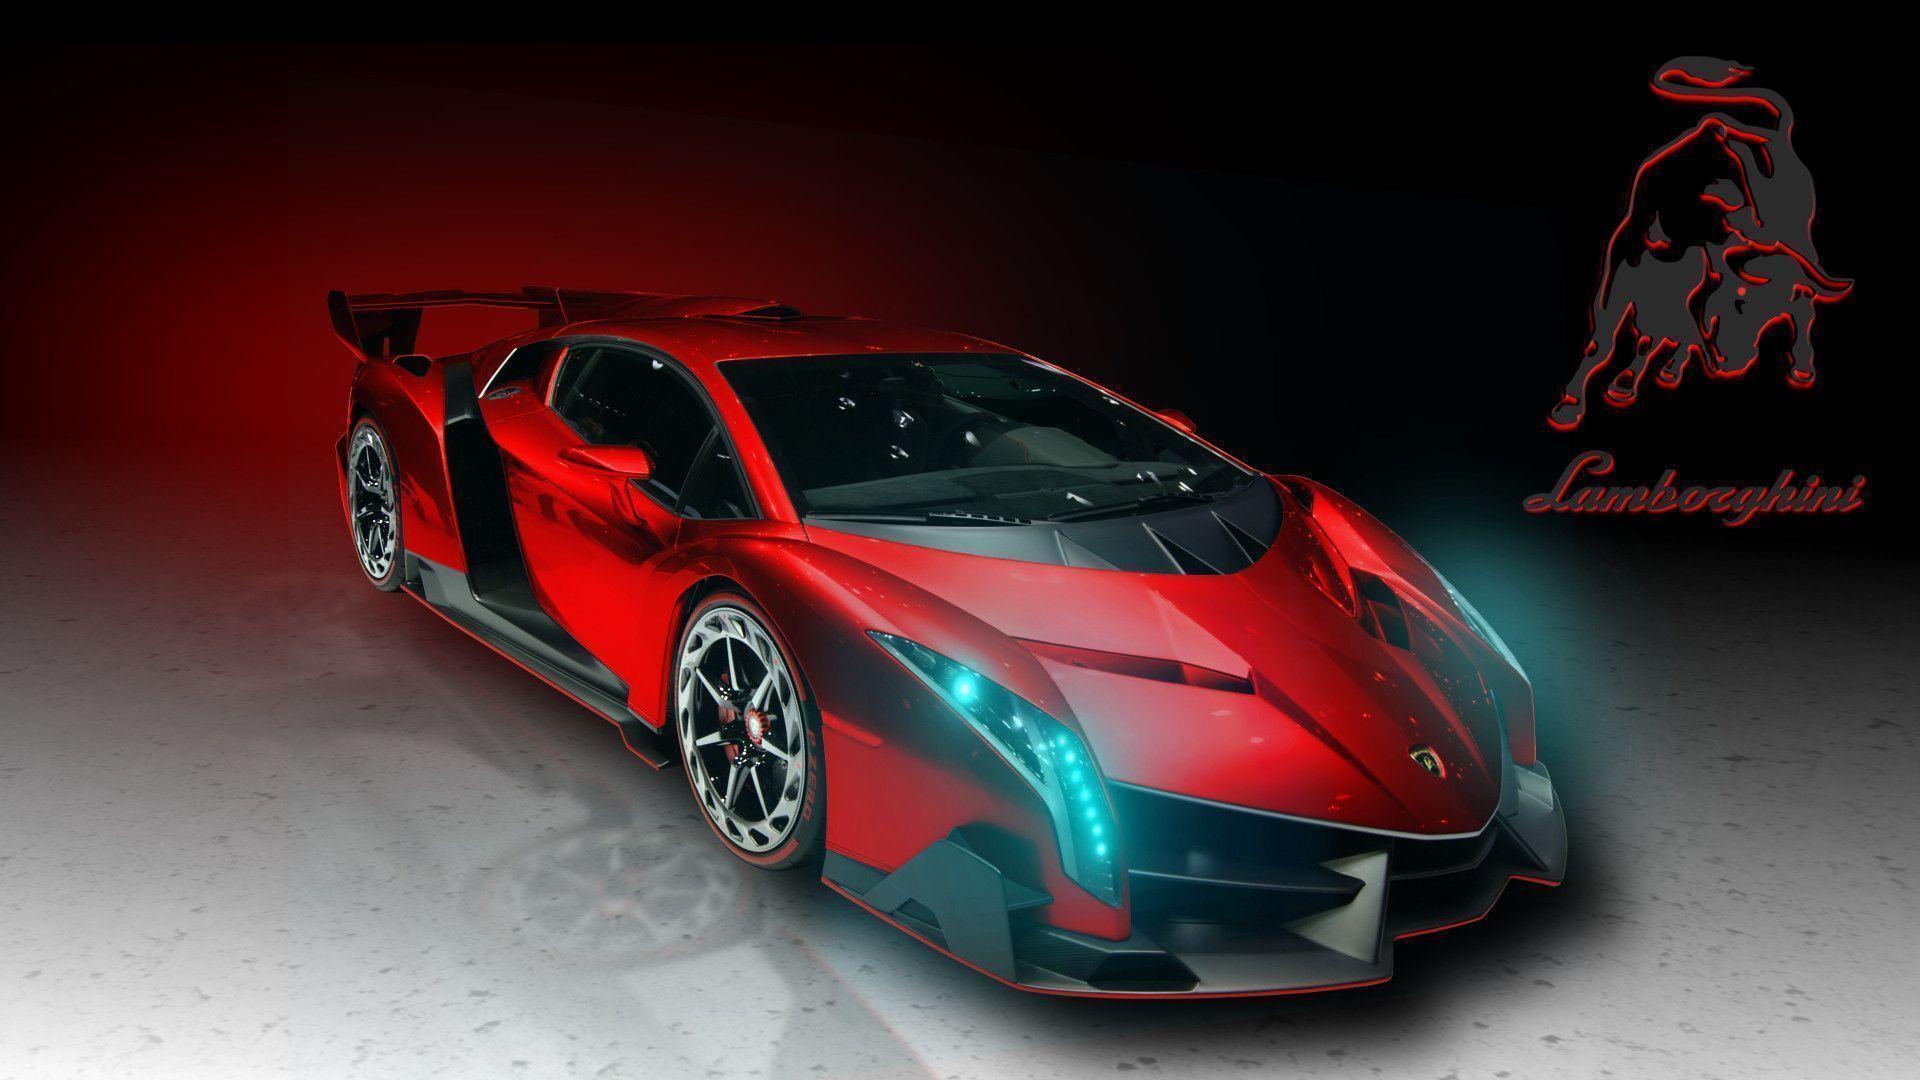 red hd wallpapers wide wallpapers widewallpapers - Red Lamborghini Veneno Wallpaper